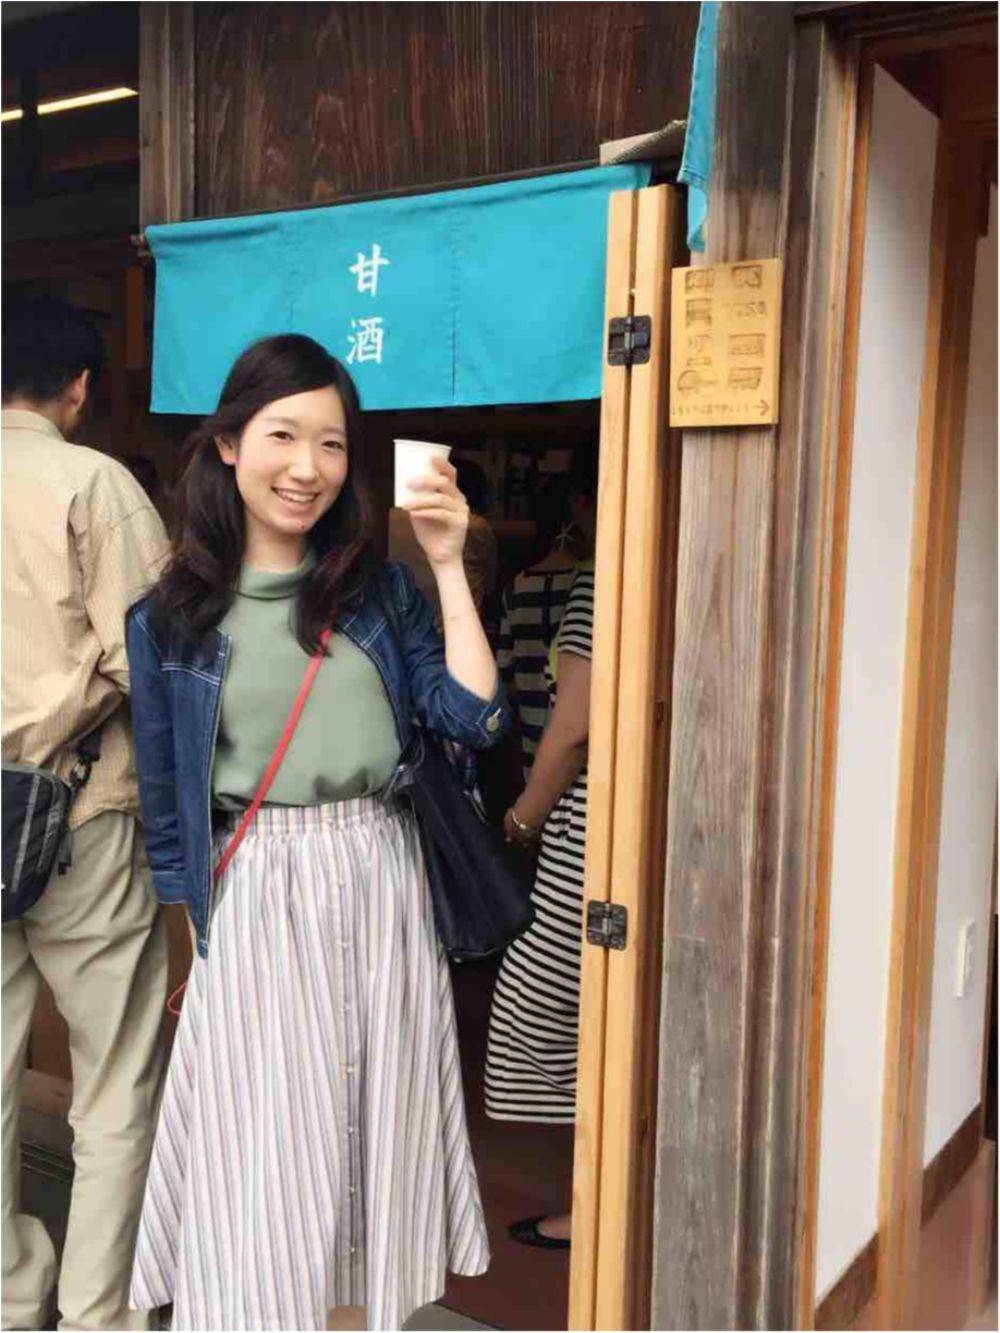 三重女子旅特集 - 伊勢神宮や志摩など人気の観光スポット、おすすめグルメ・ホテルまとめ_34